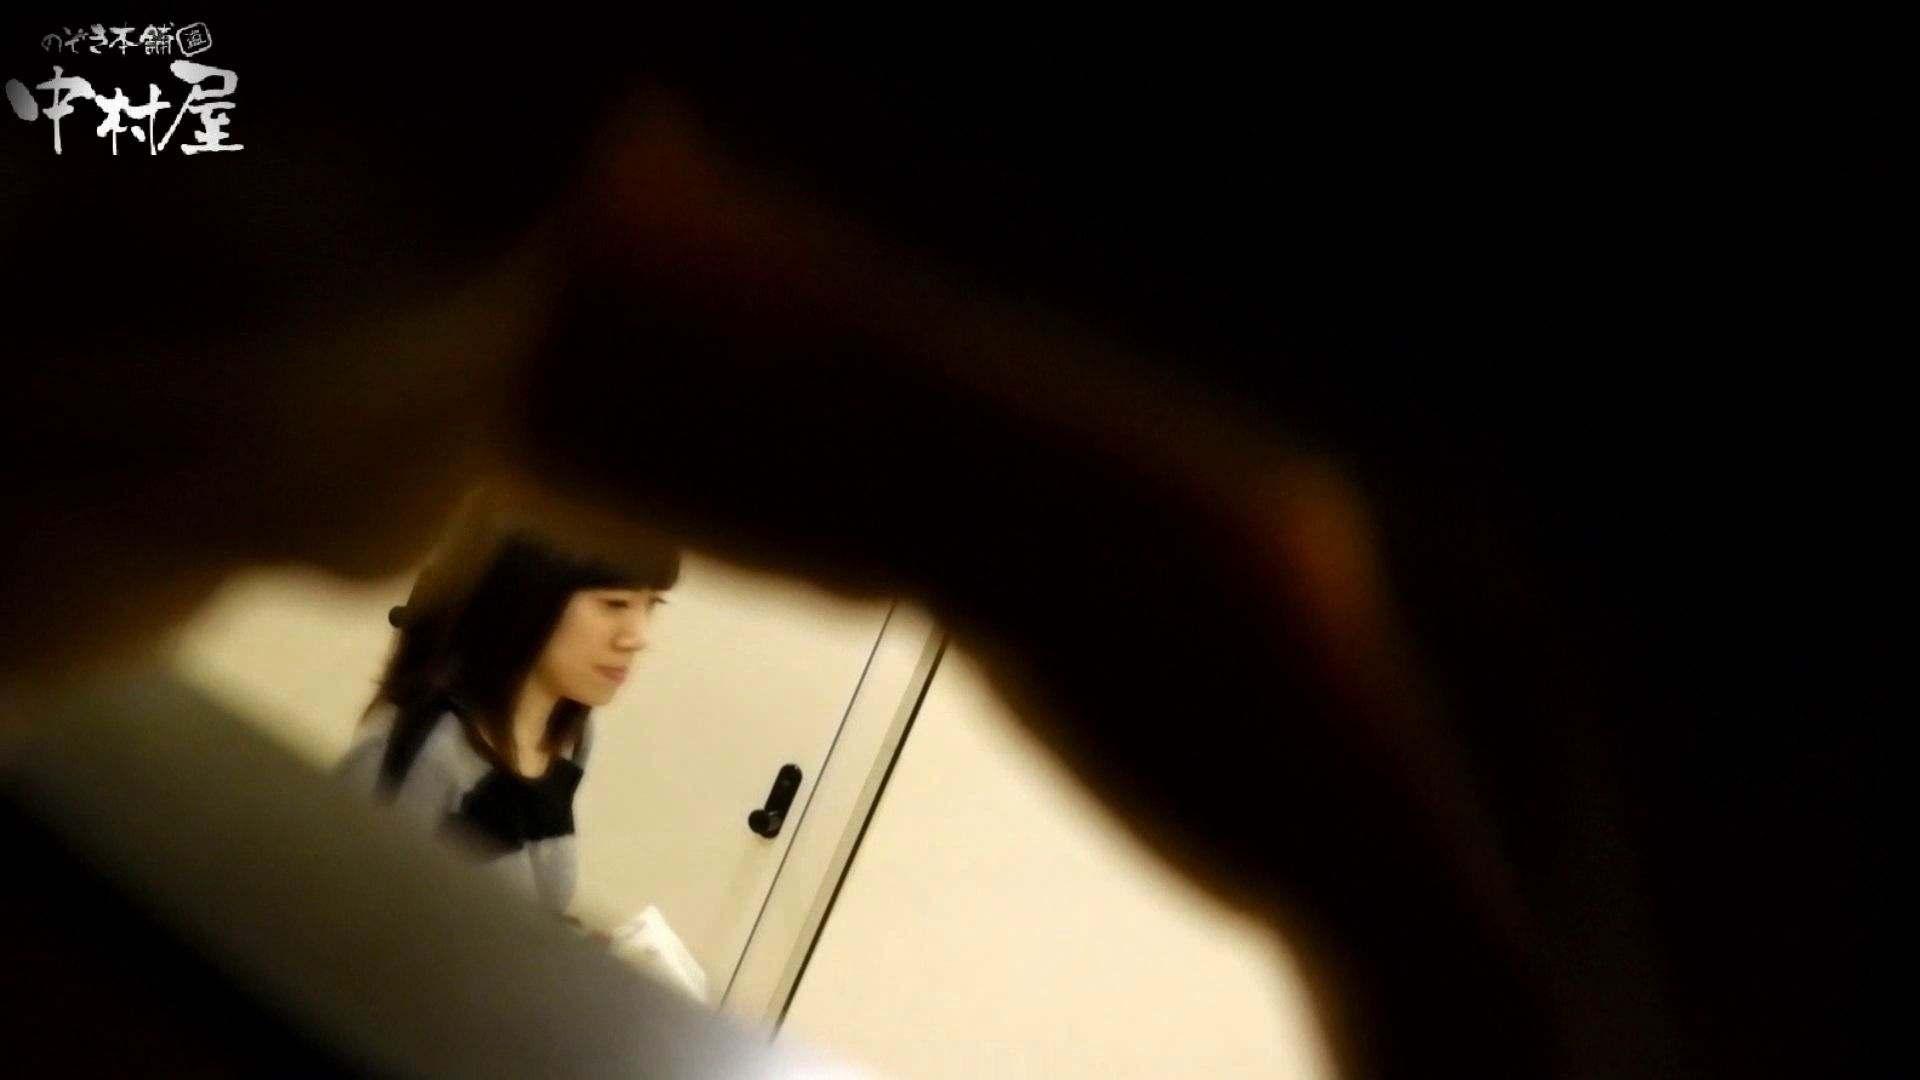 新世界の射窓 No72 モデル級なら個室から飛び出て追っかけます 洗面所   0  99画像 58